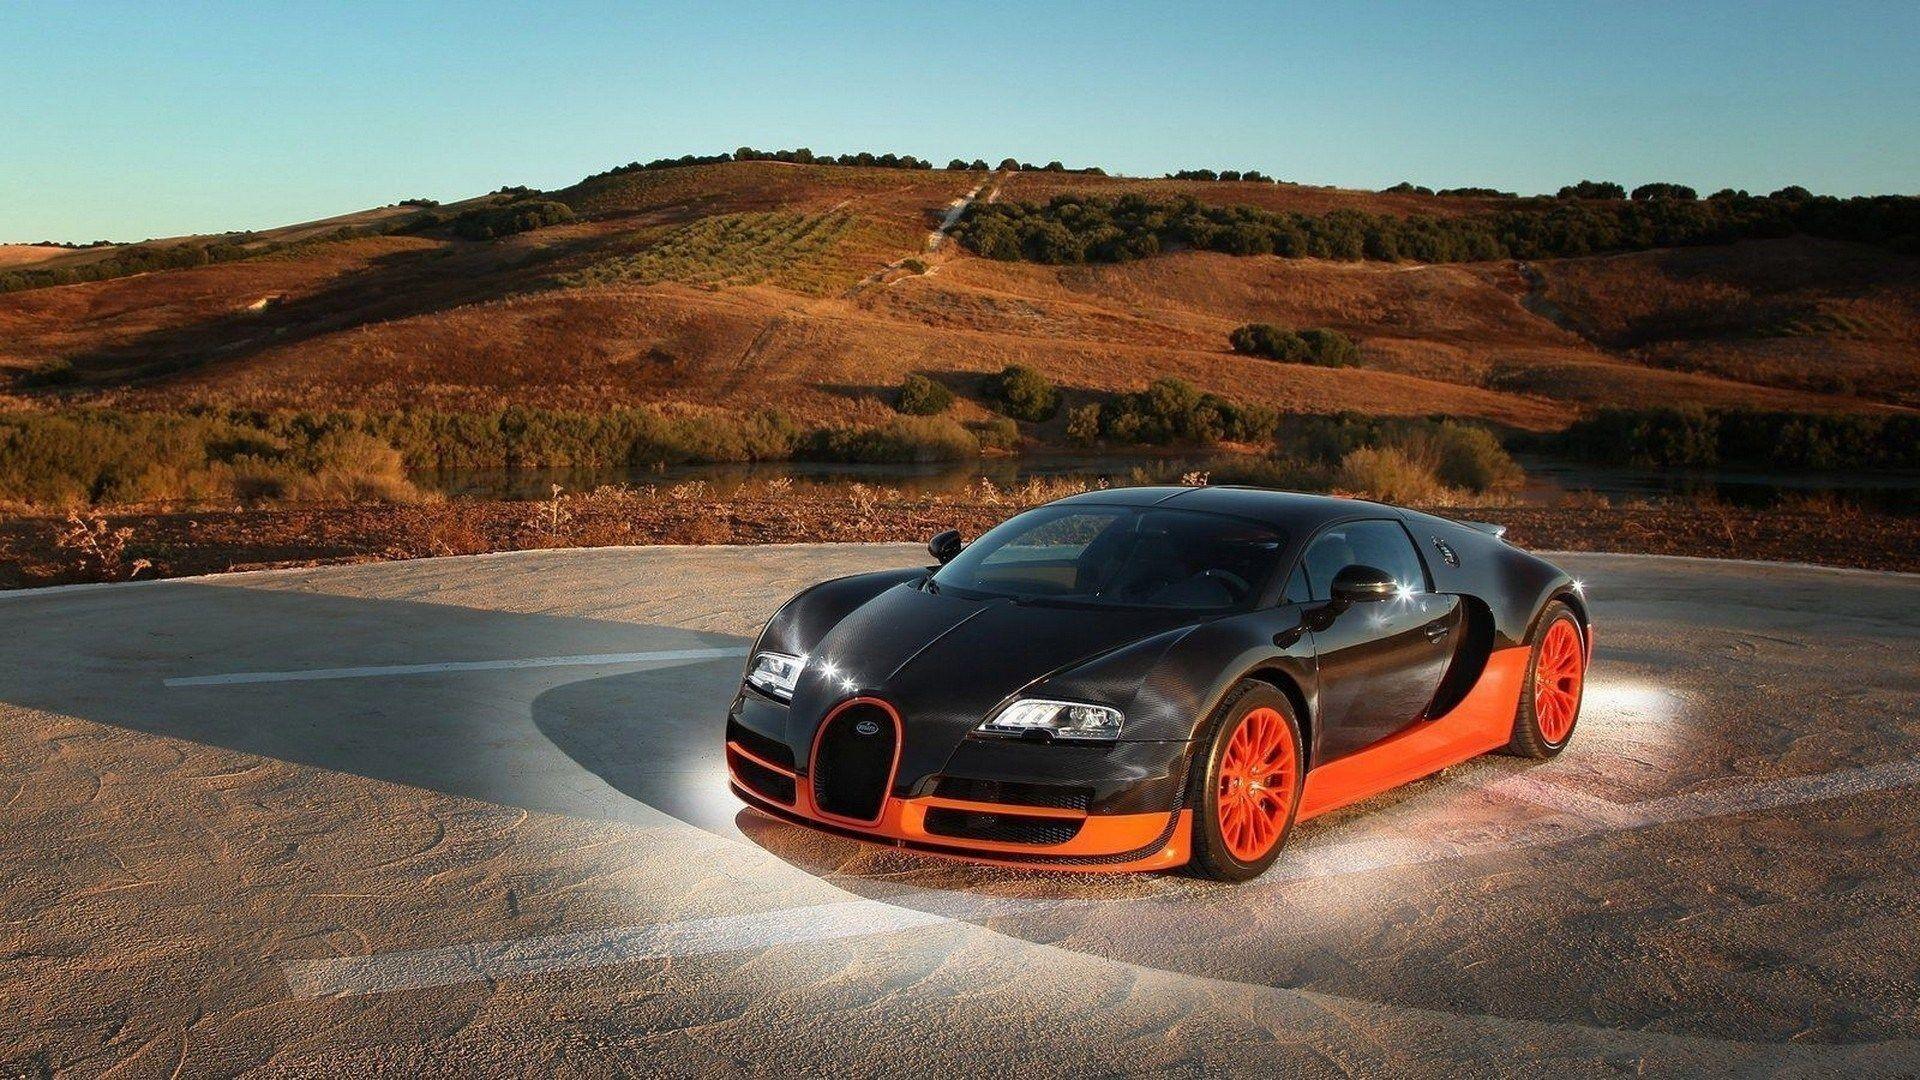 Bugatti images